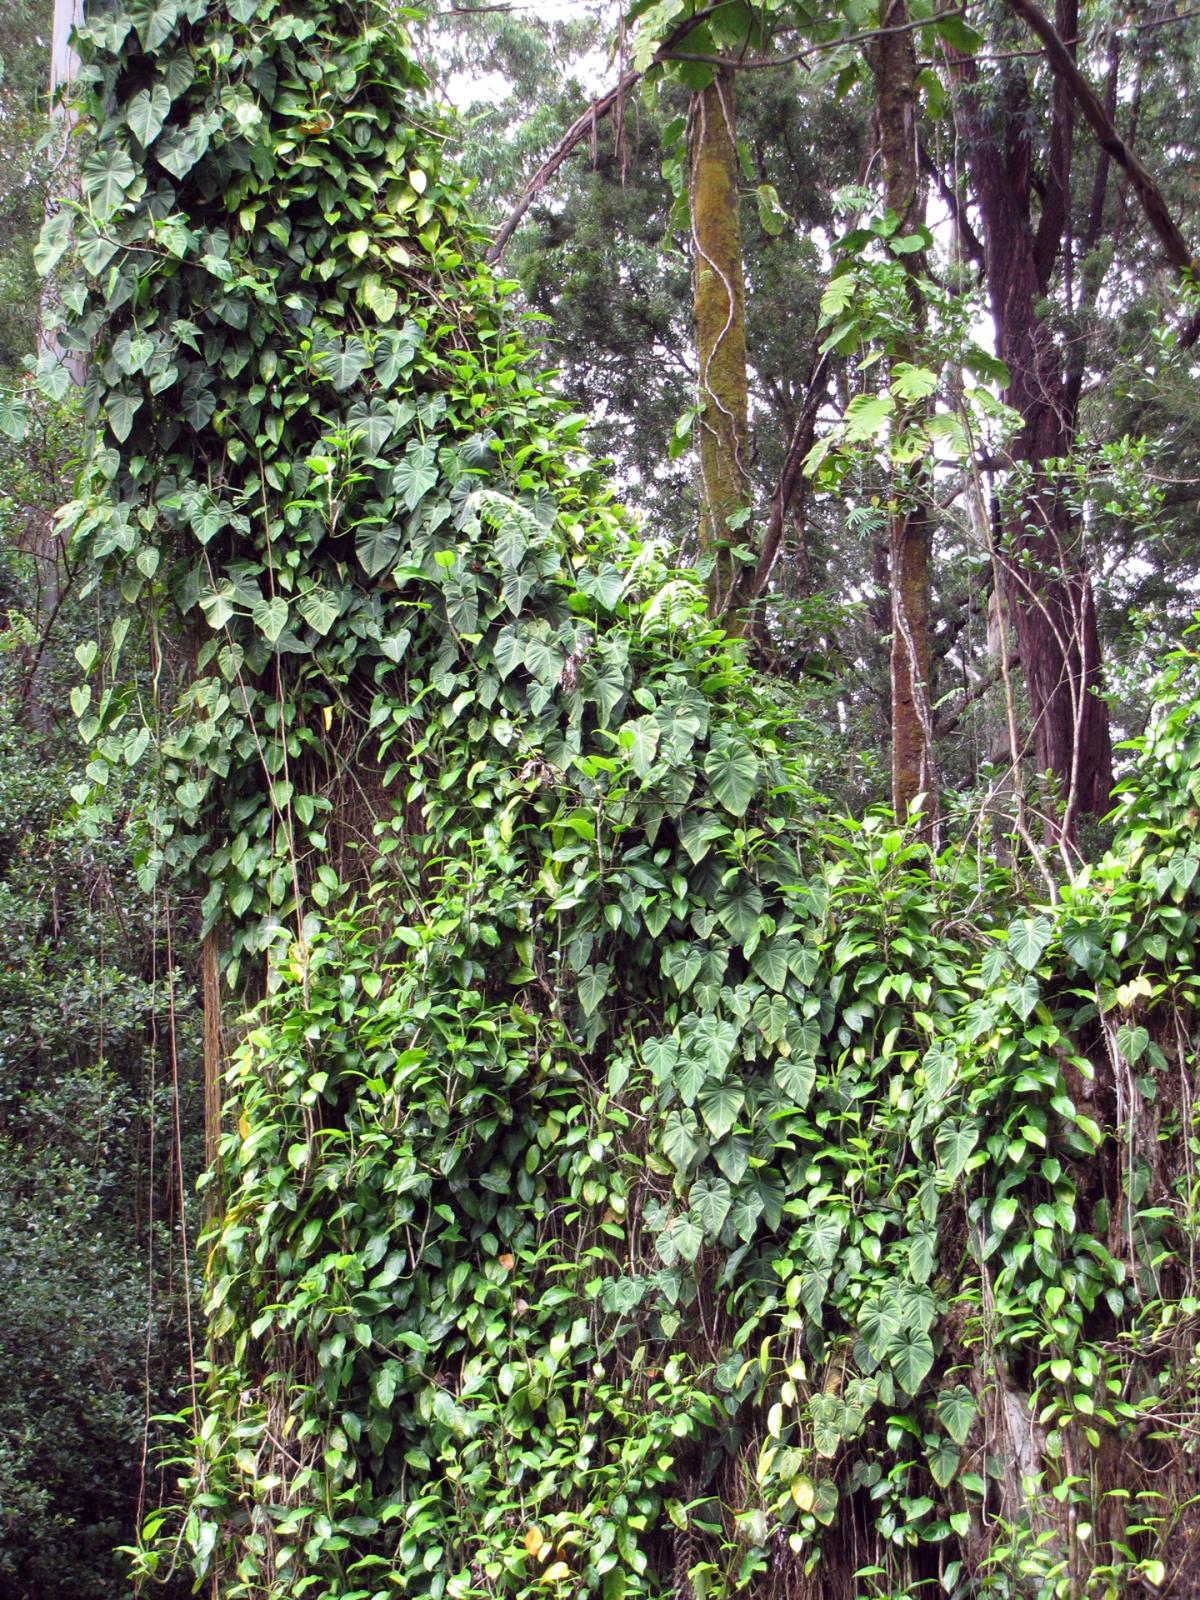 Fotografia przedstawia podstawę szarego pnia drzewa. Jest gęsto obrośnięty pędami filodendrona. Filodendron ma owalne liście. Jego pęd jest mocno rozgałęziony iściśle oplata pień drzewa.